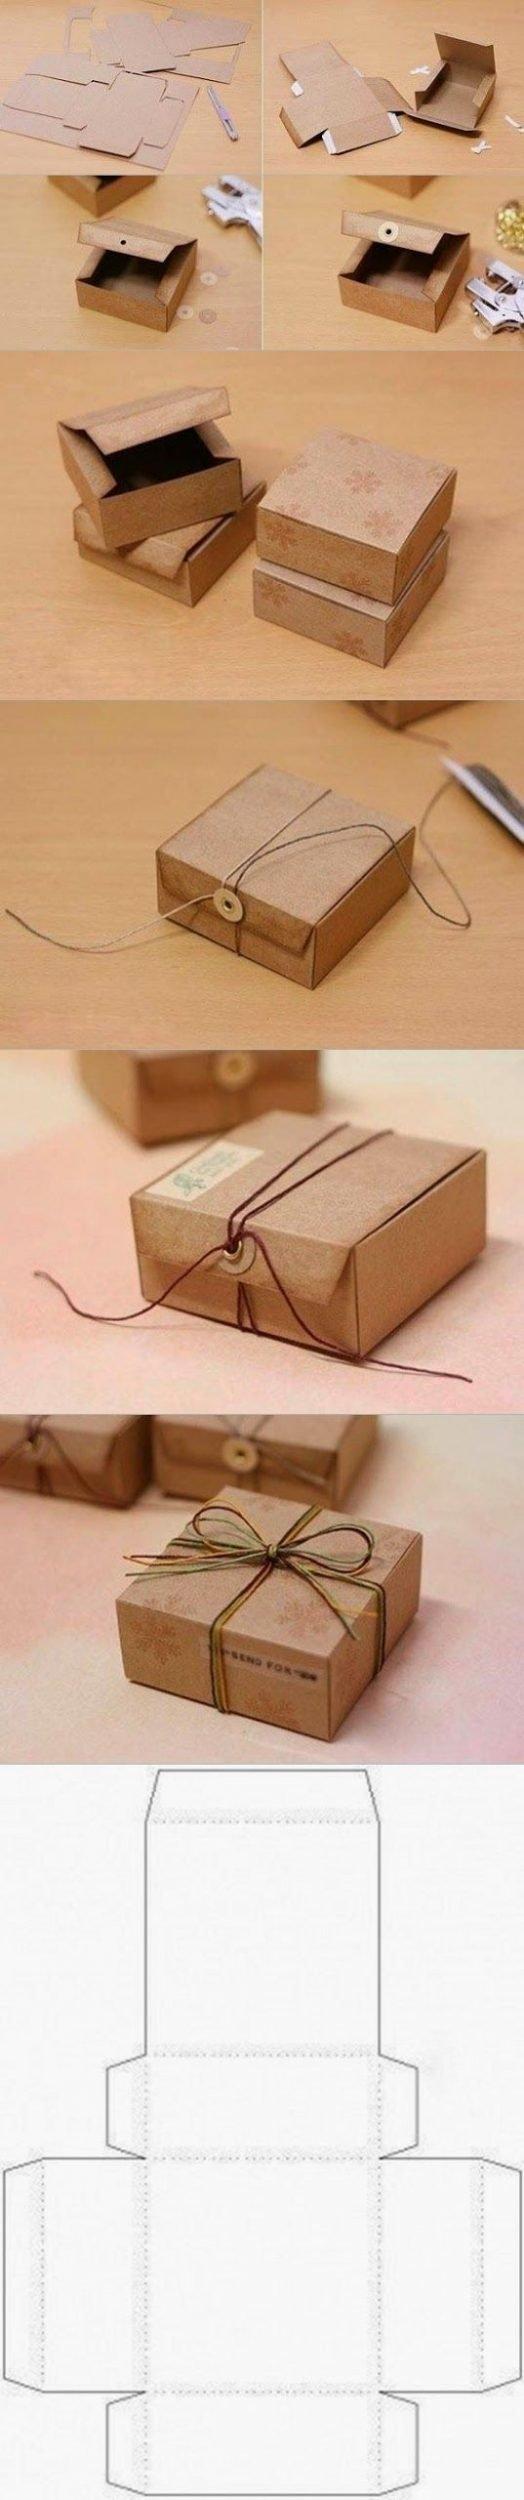 schachtel falten f r kleine geschenke basteln 31 diy ideen diy zenideen. Black Bedroom Furniture Sets. Home Design Ideas